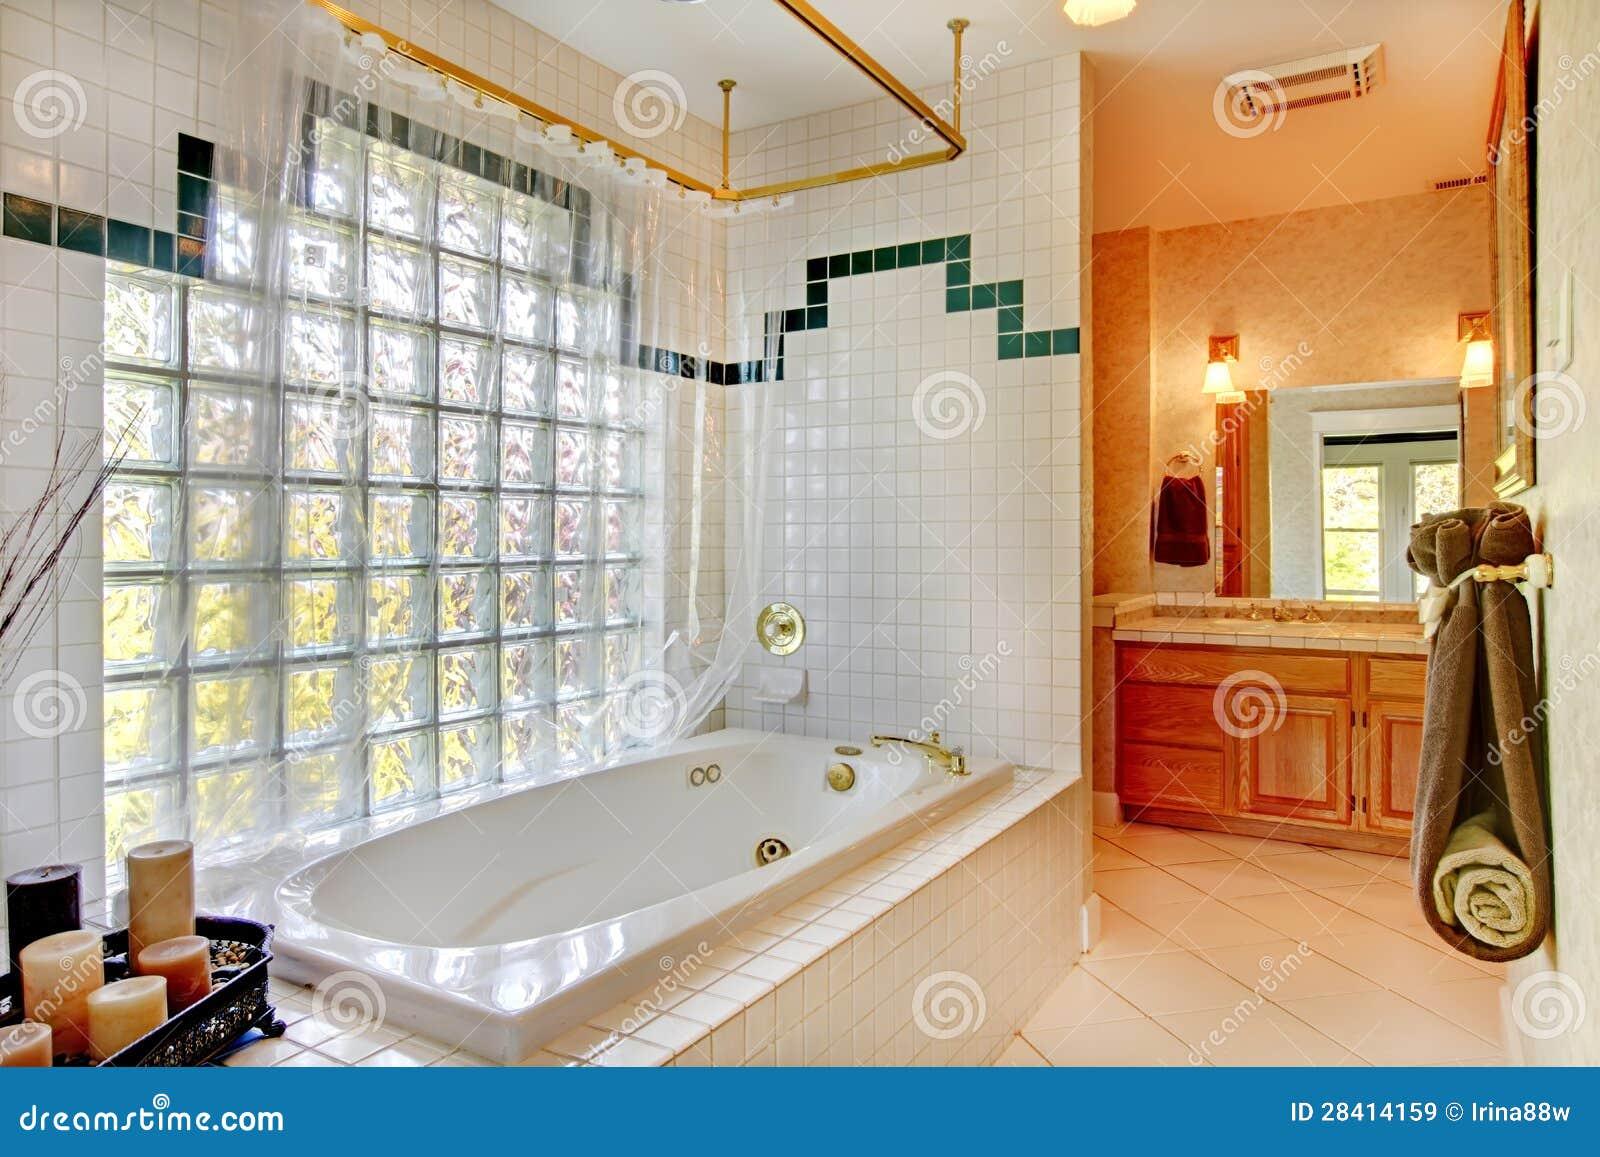 Bagno In Camera Con Vetrata : Bagno con la parete di vetro e la vasca. immagine stock immagine